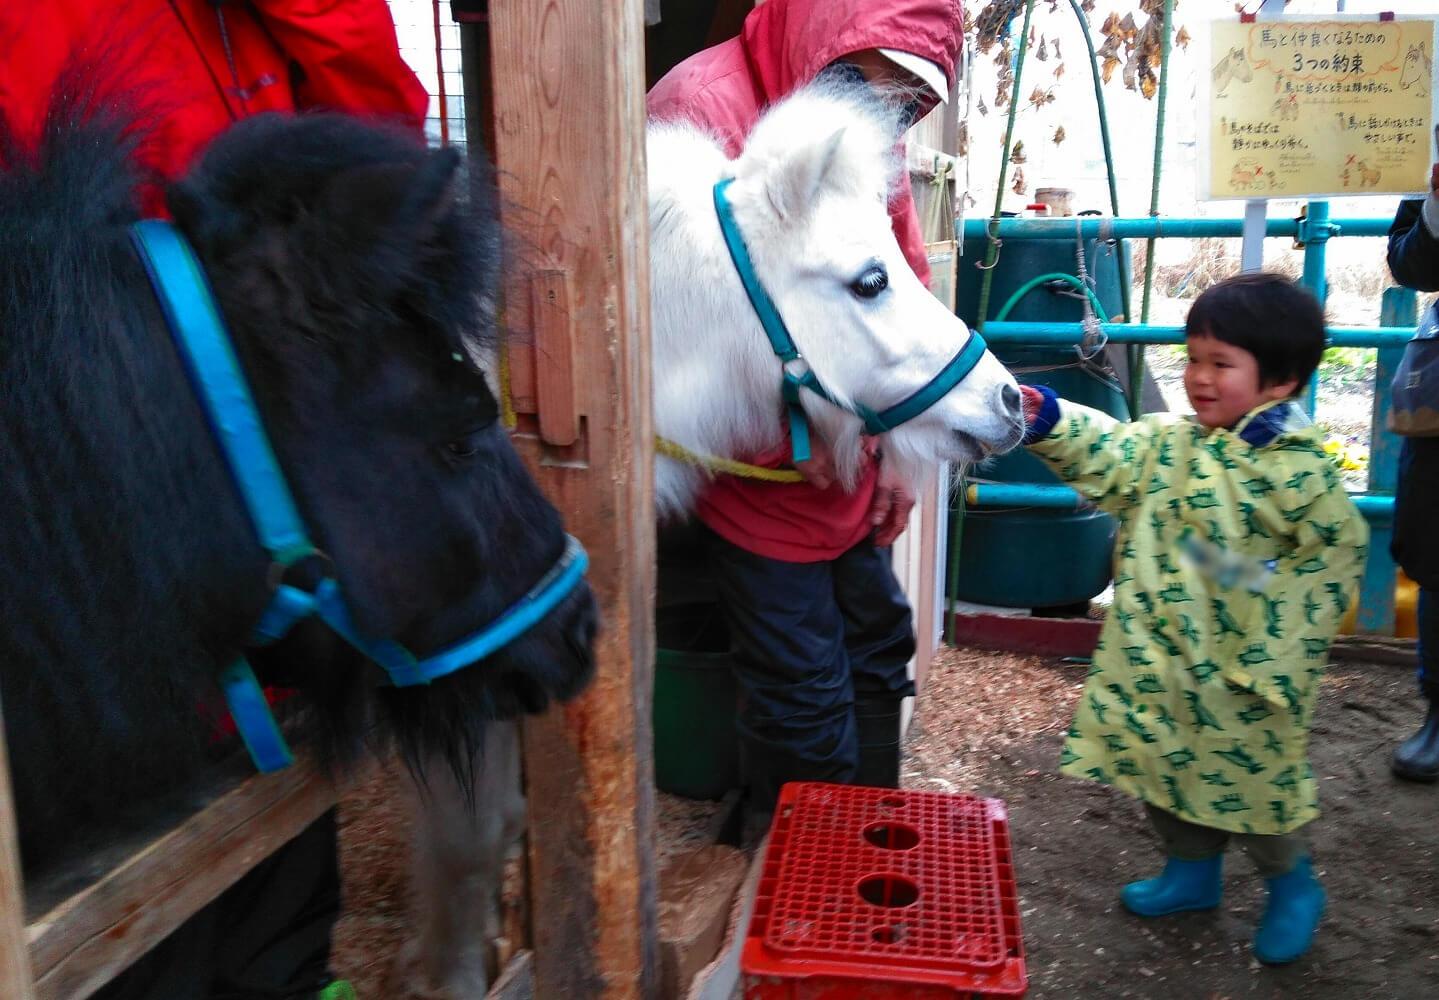 馬と触れ合う子ども